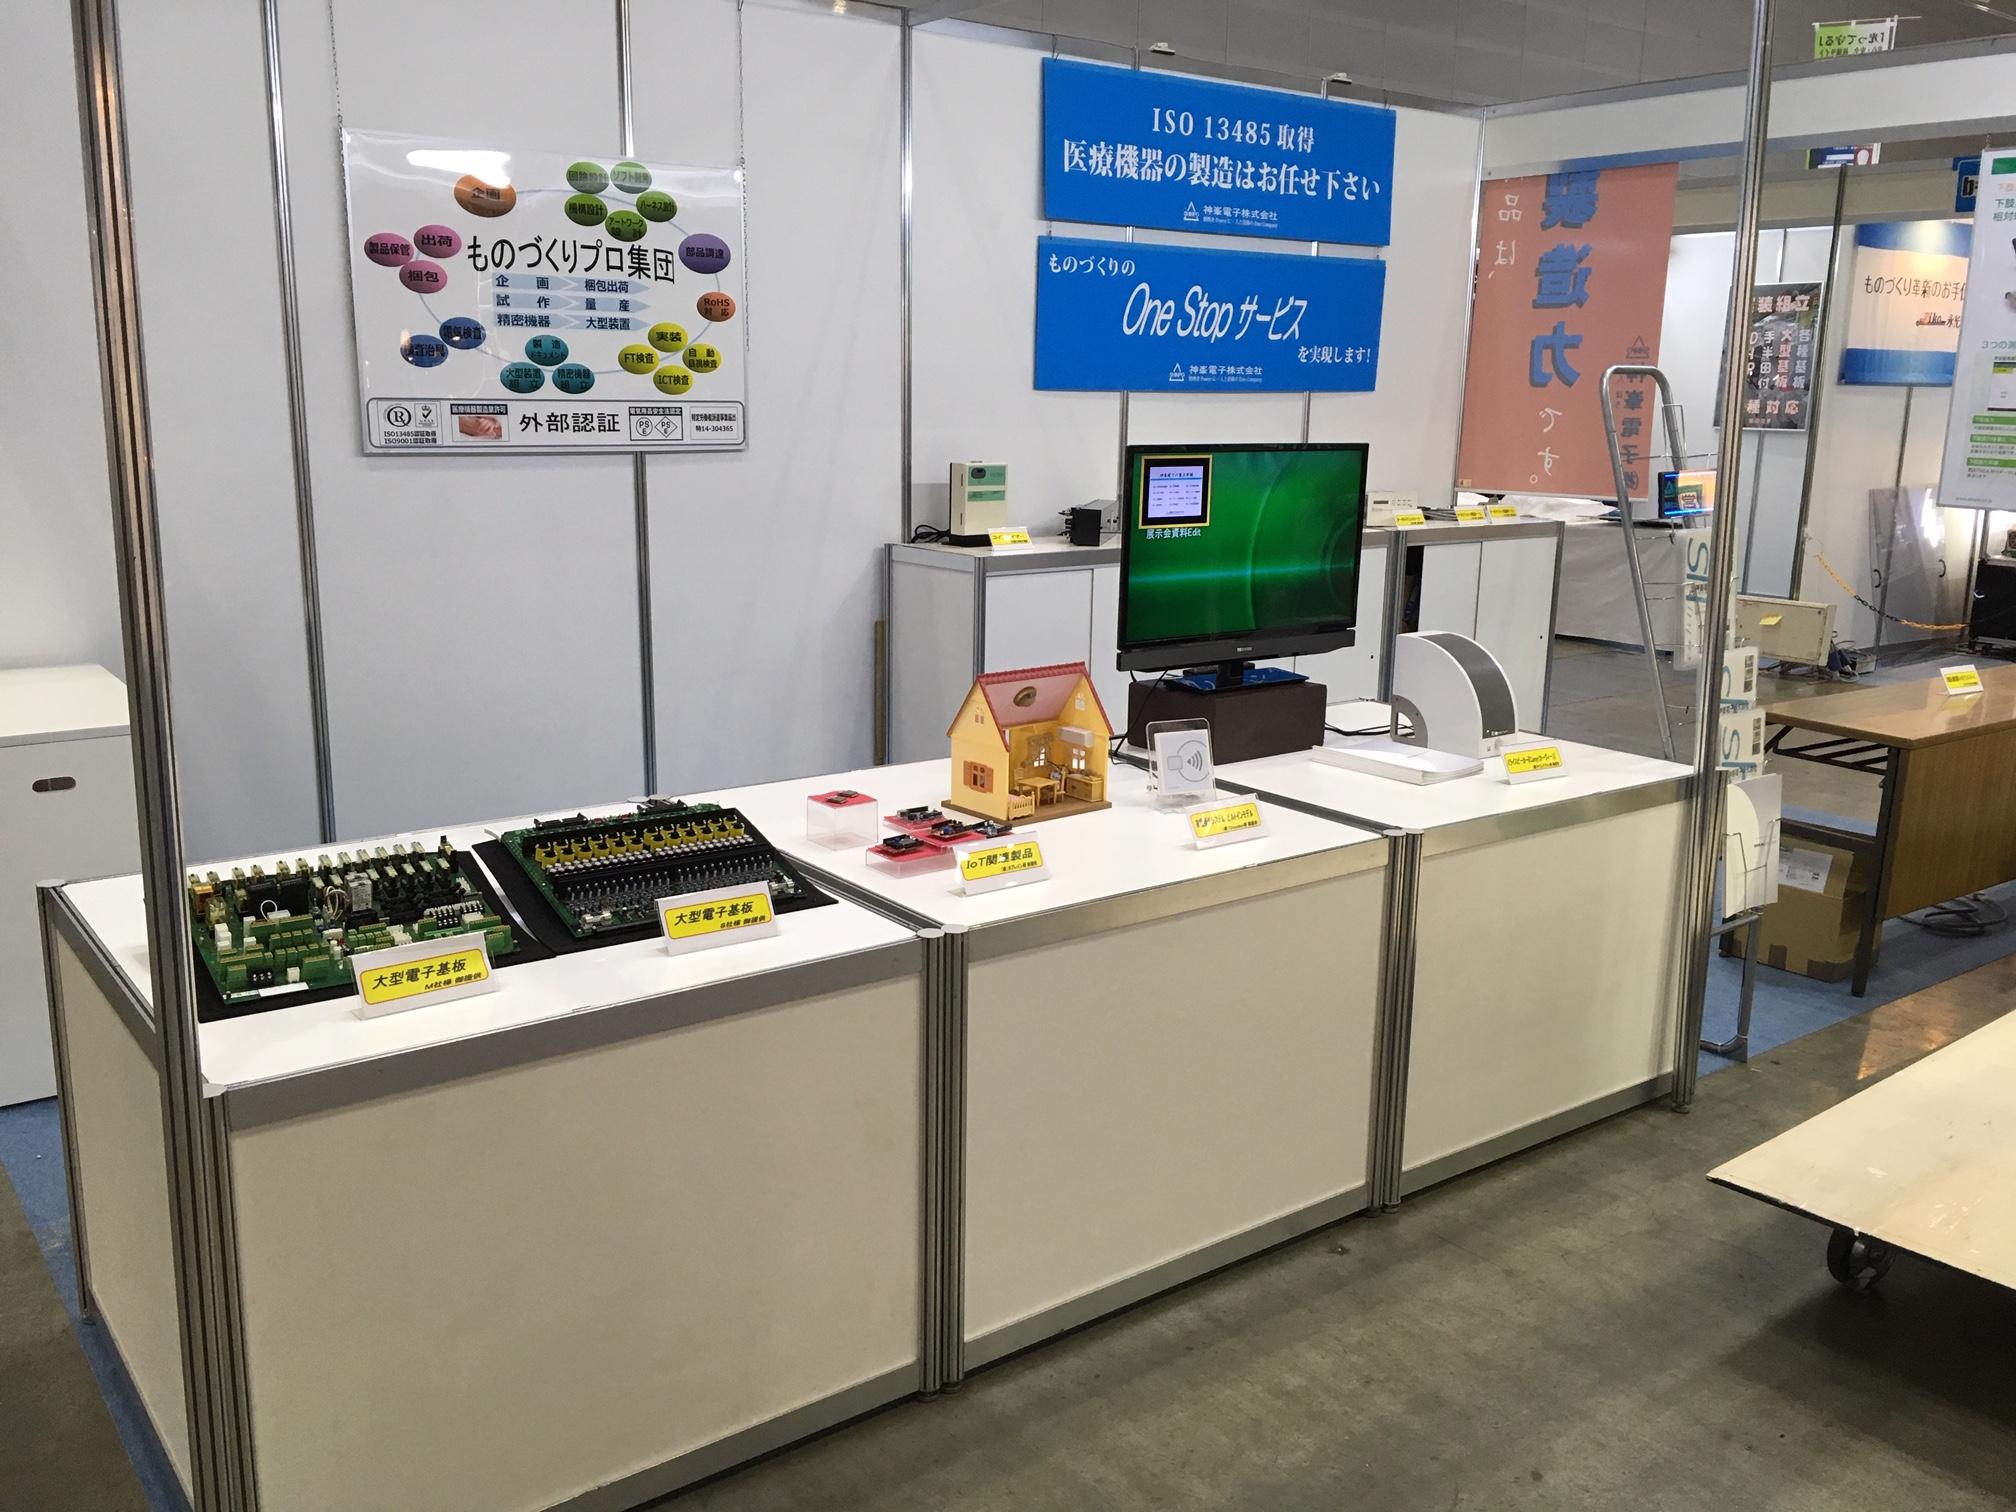 2月5日より開催の第41回工業技術見本市「テクニカルショウヨコハマ2020」に出展します。